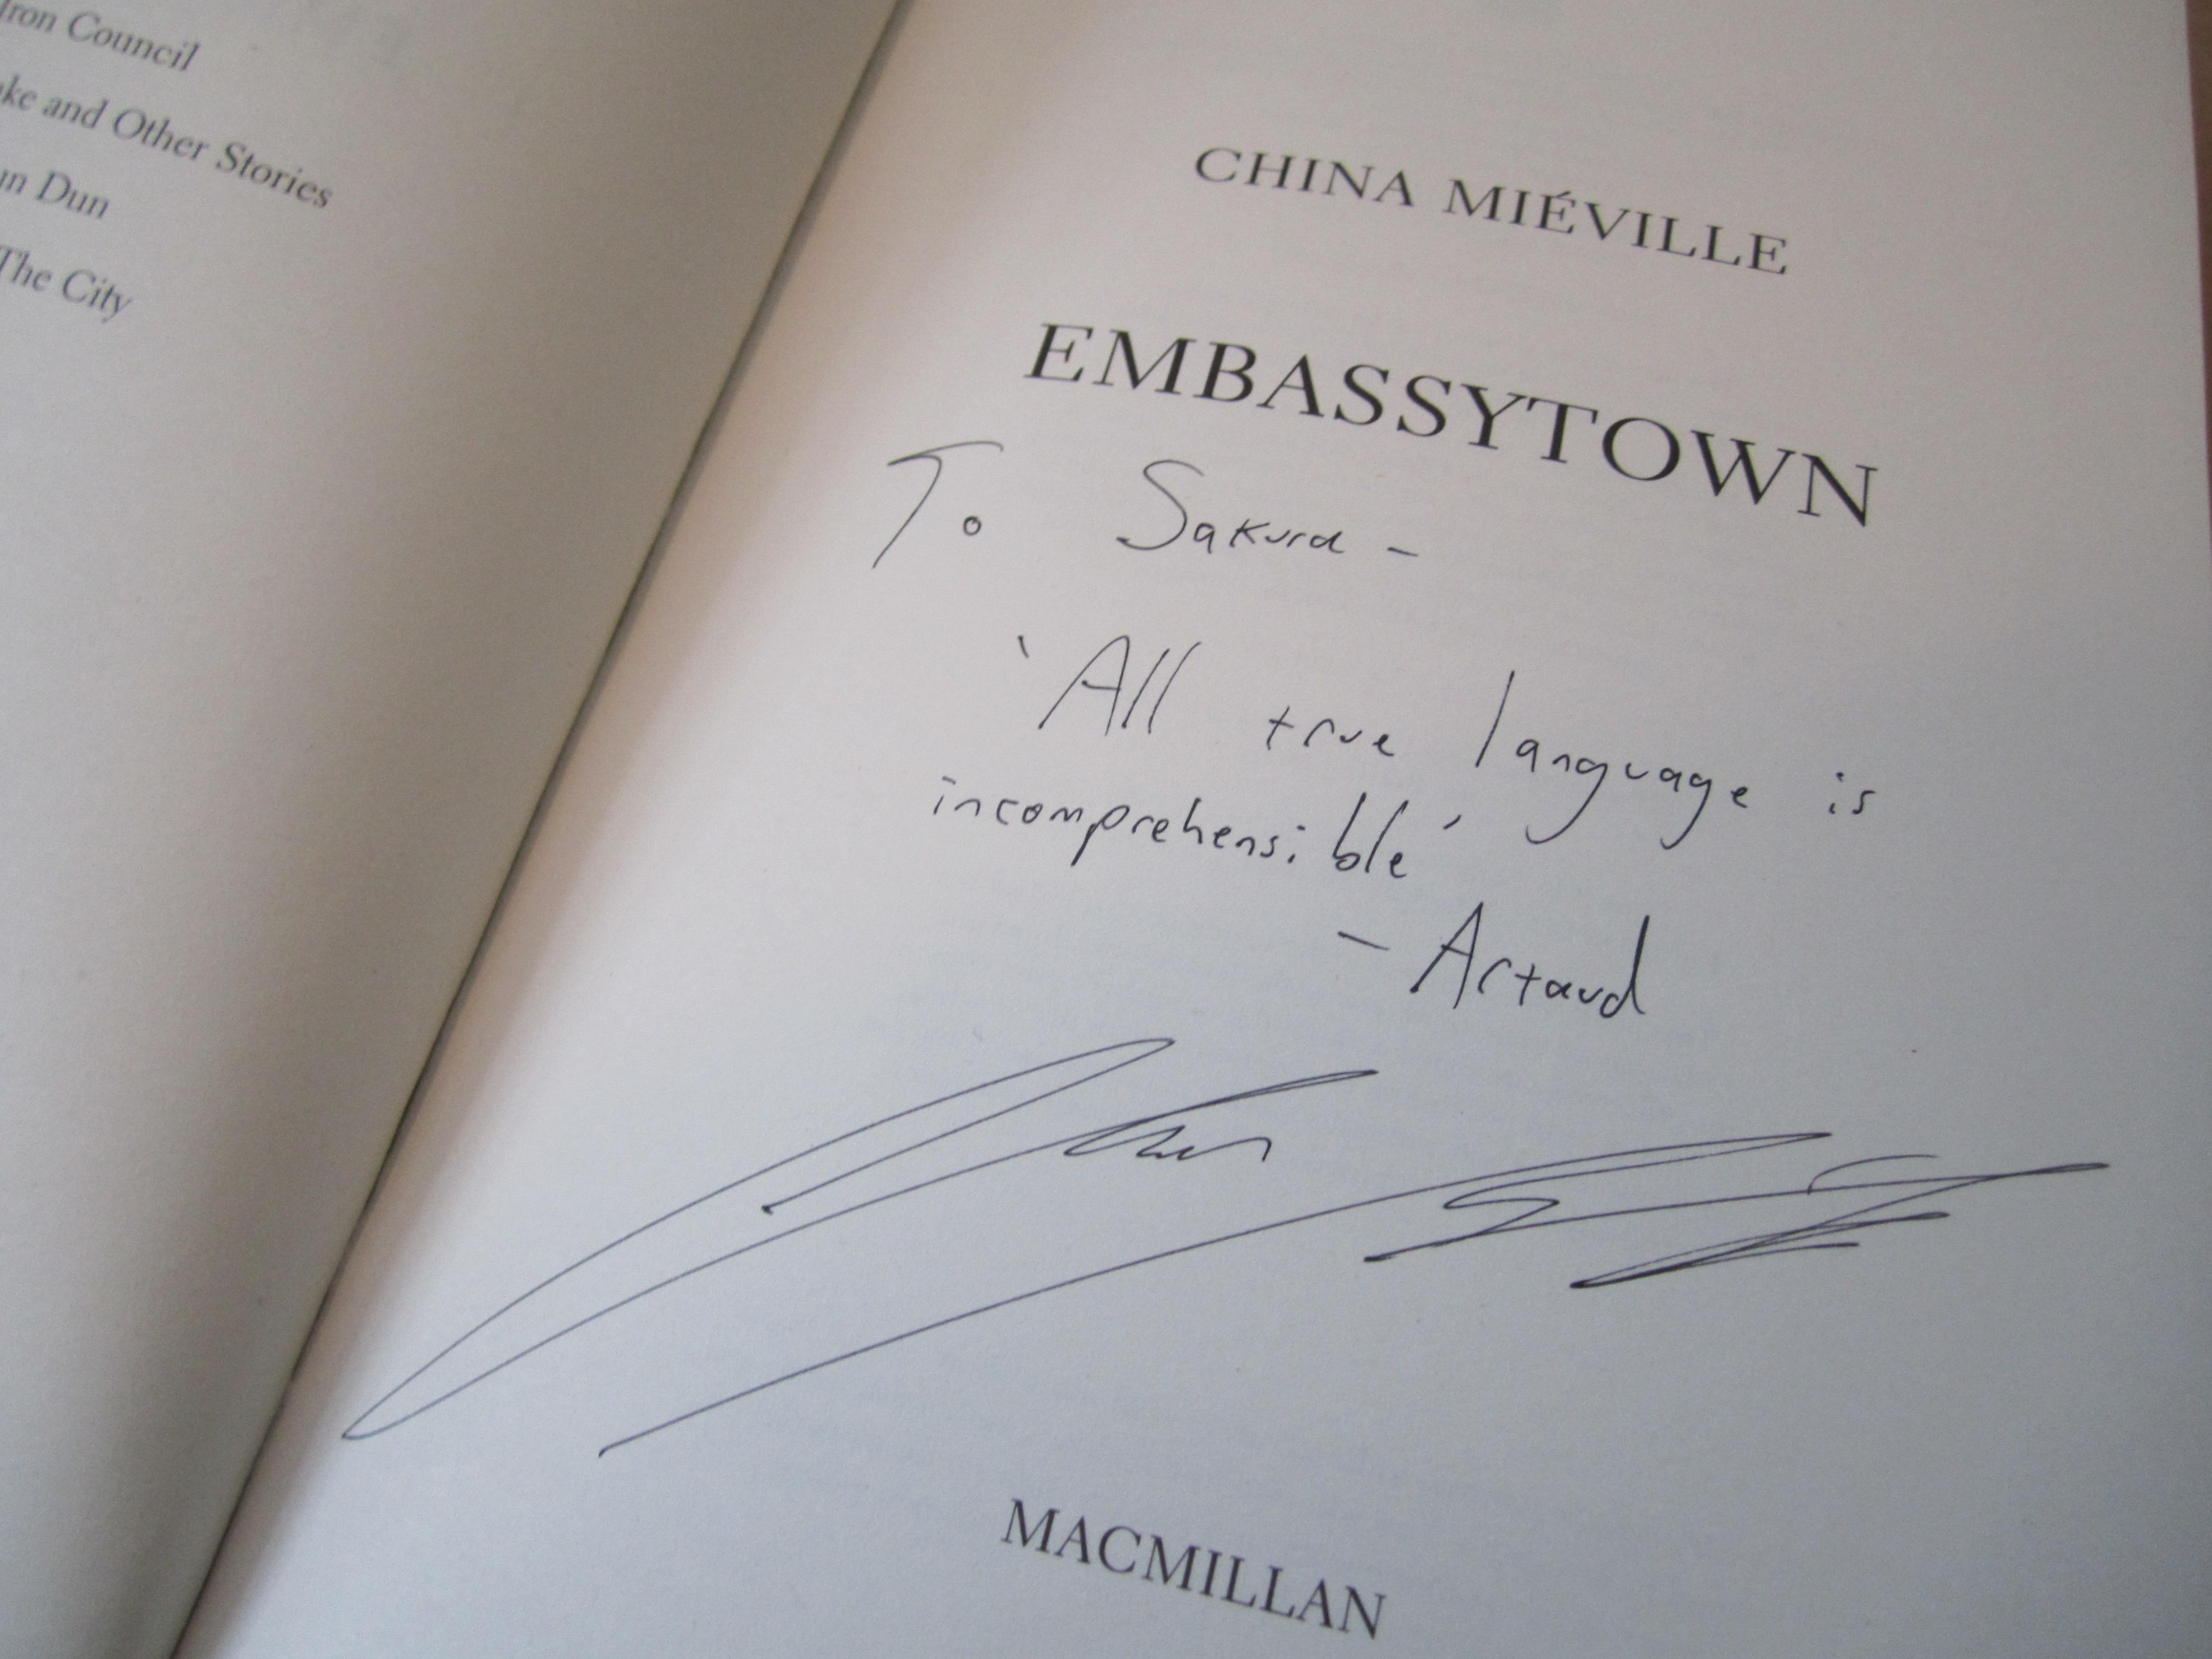 Book - http://chasingbawa.wordpress.com/tag/china-mieville/